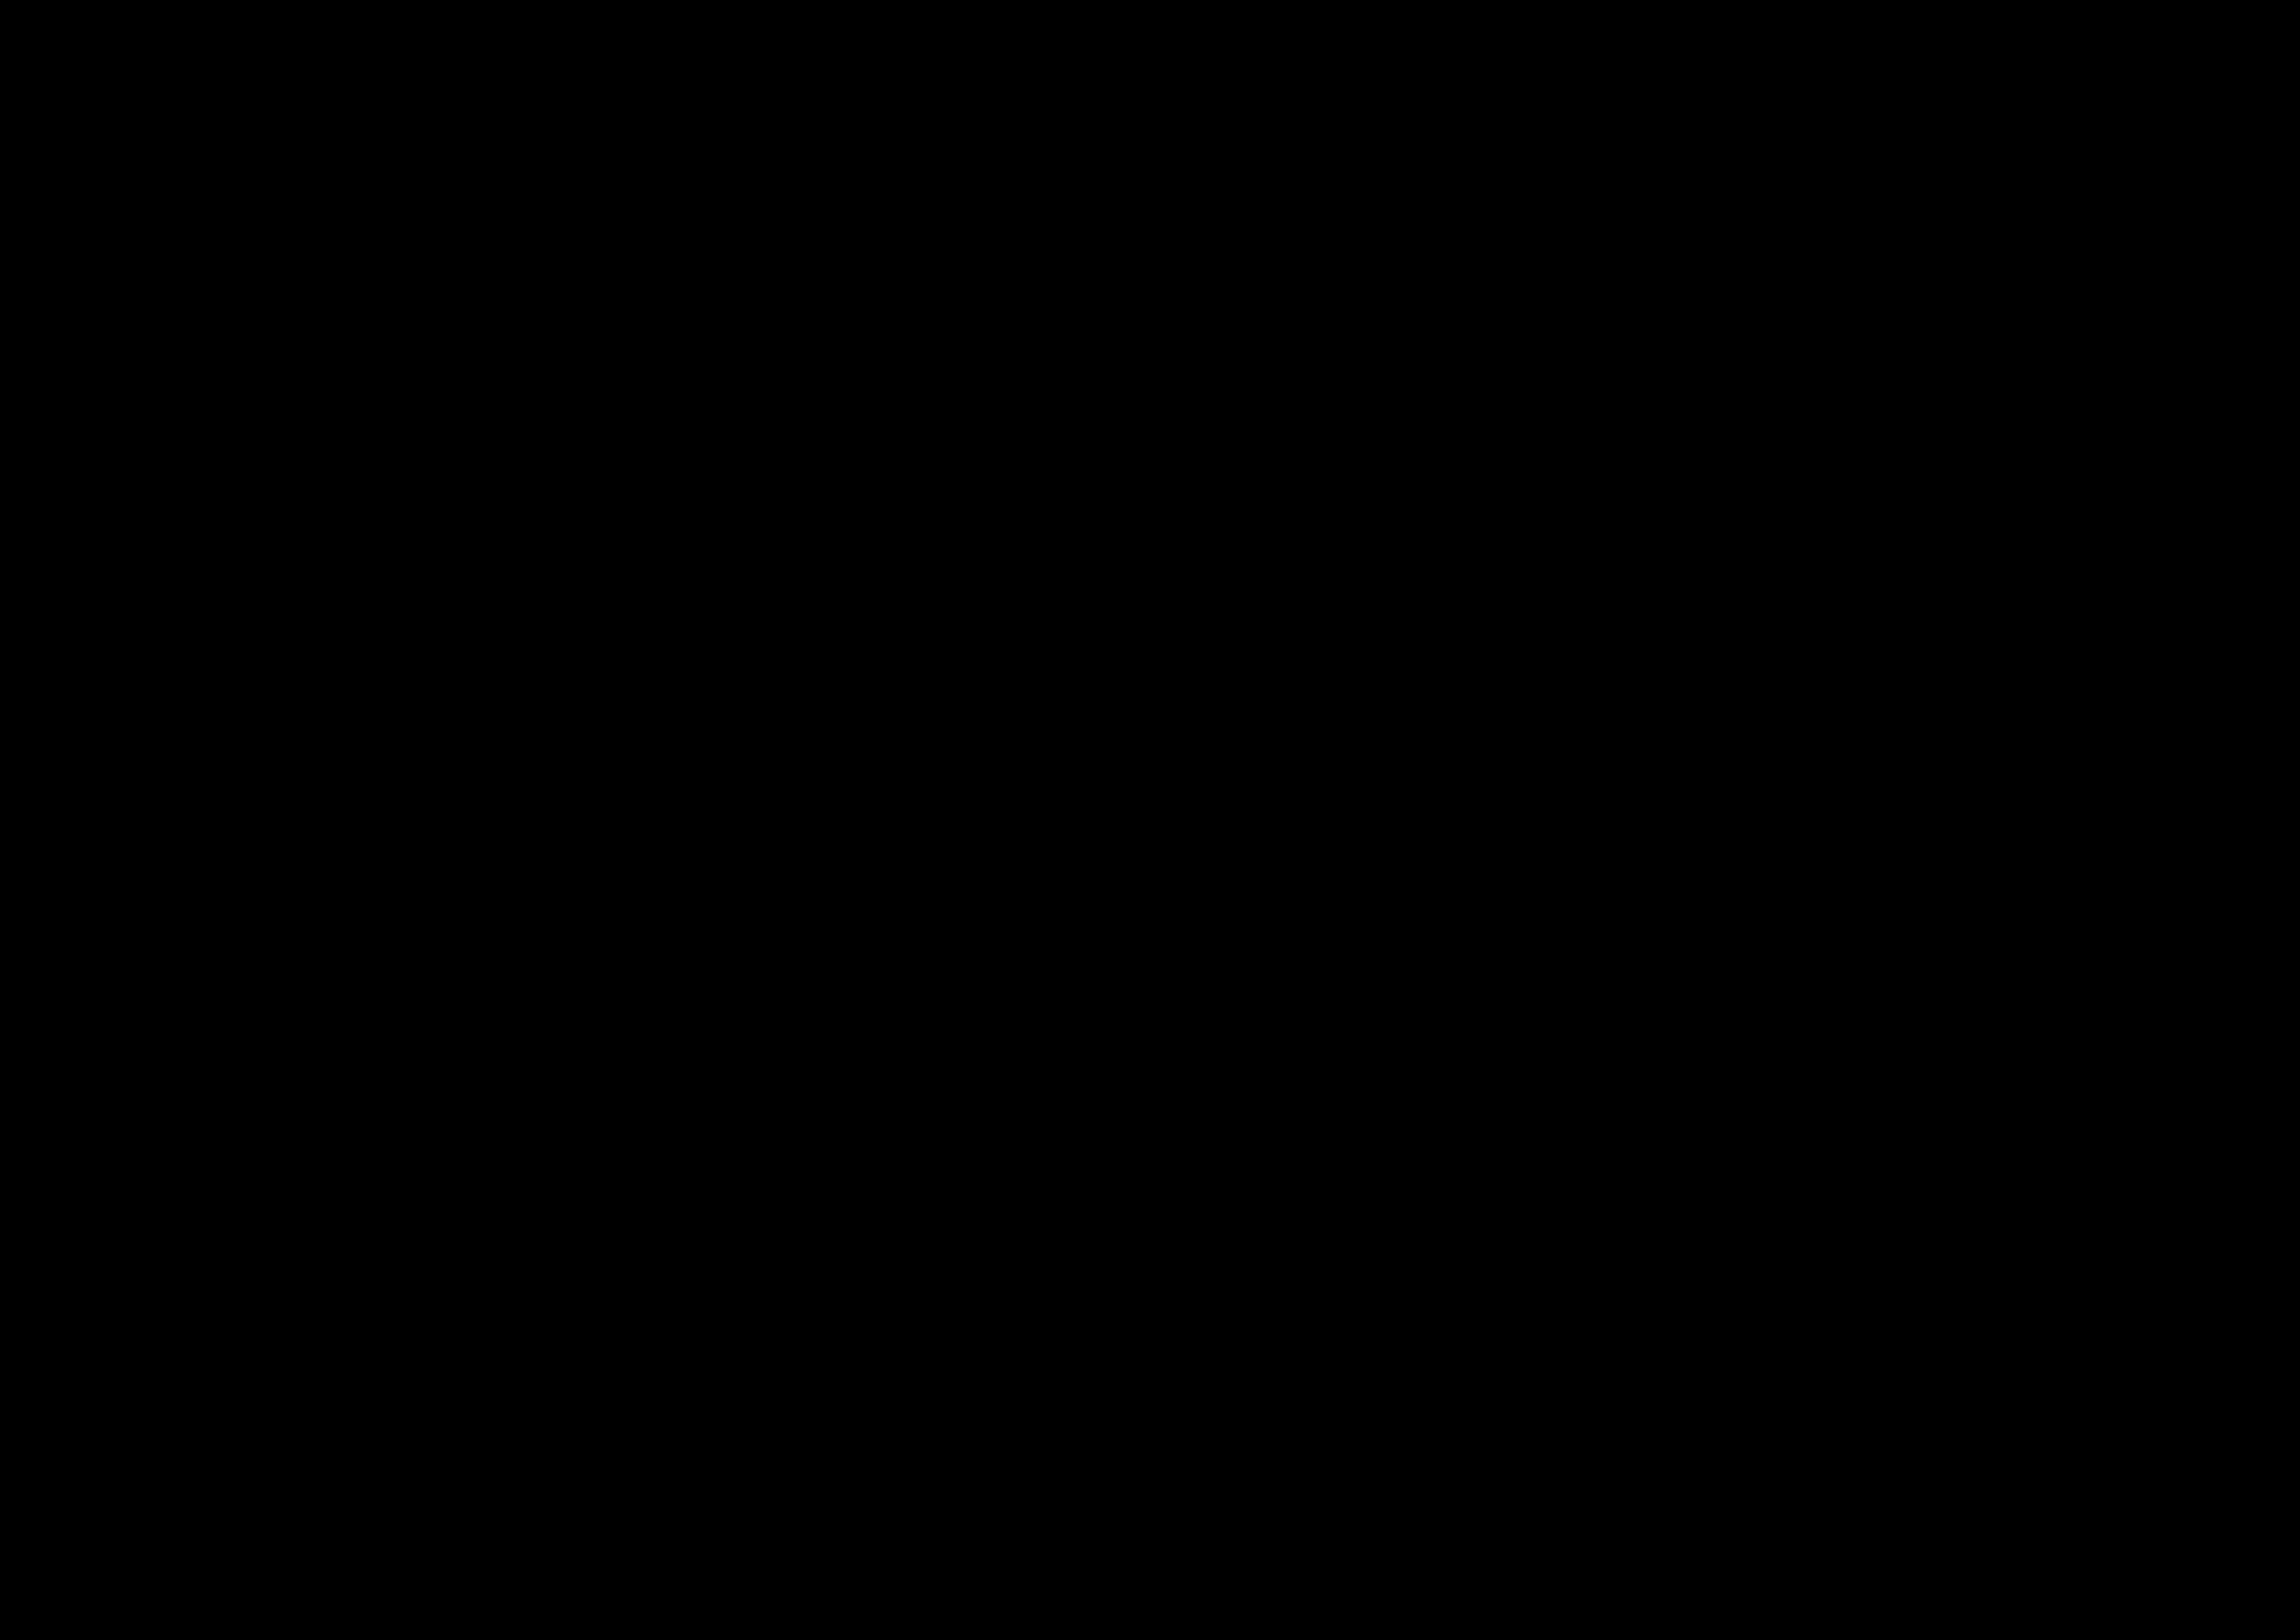 天津积分落户分值表_天津2016年最新积分落户分值表及政策看看你